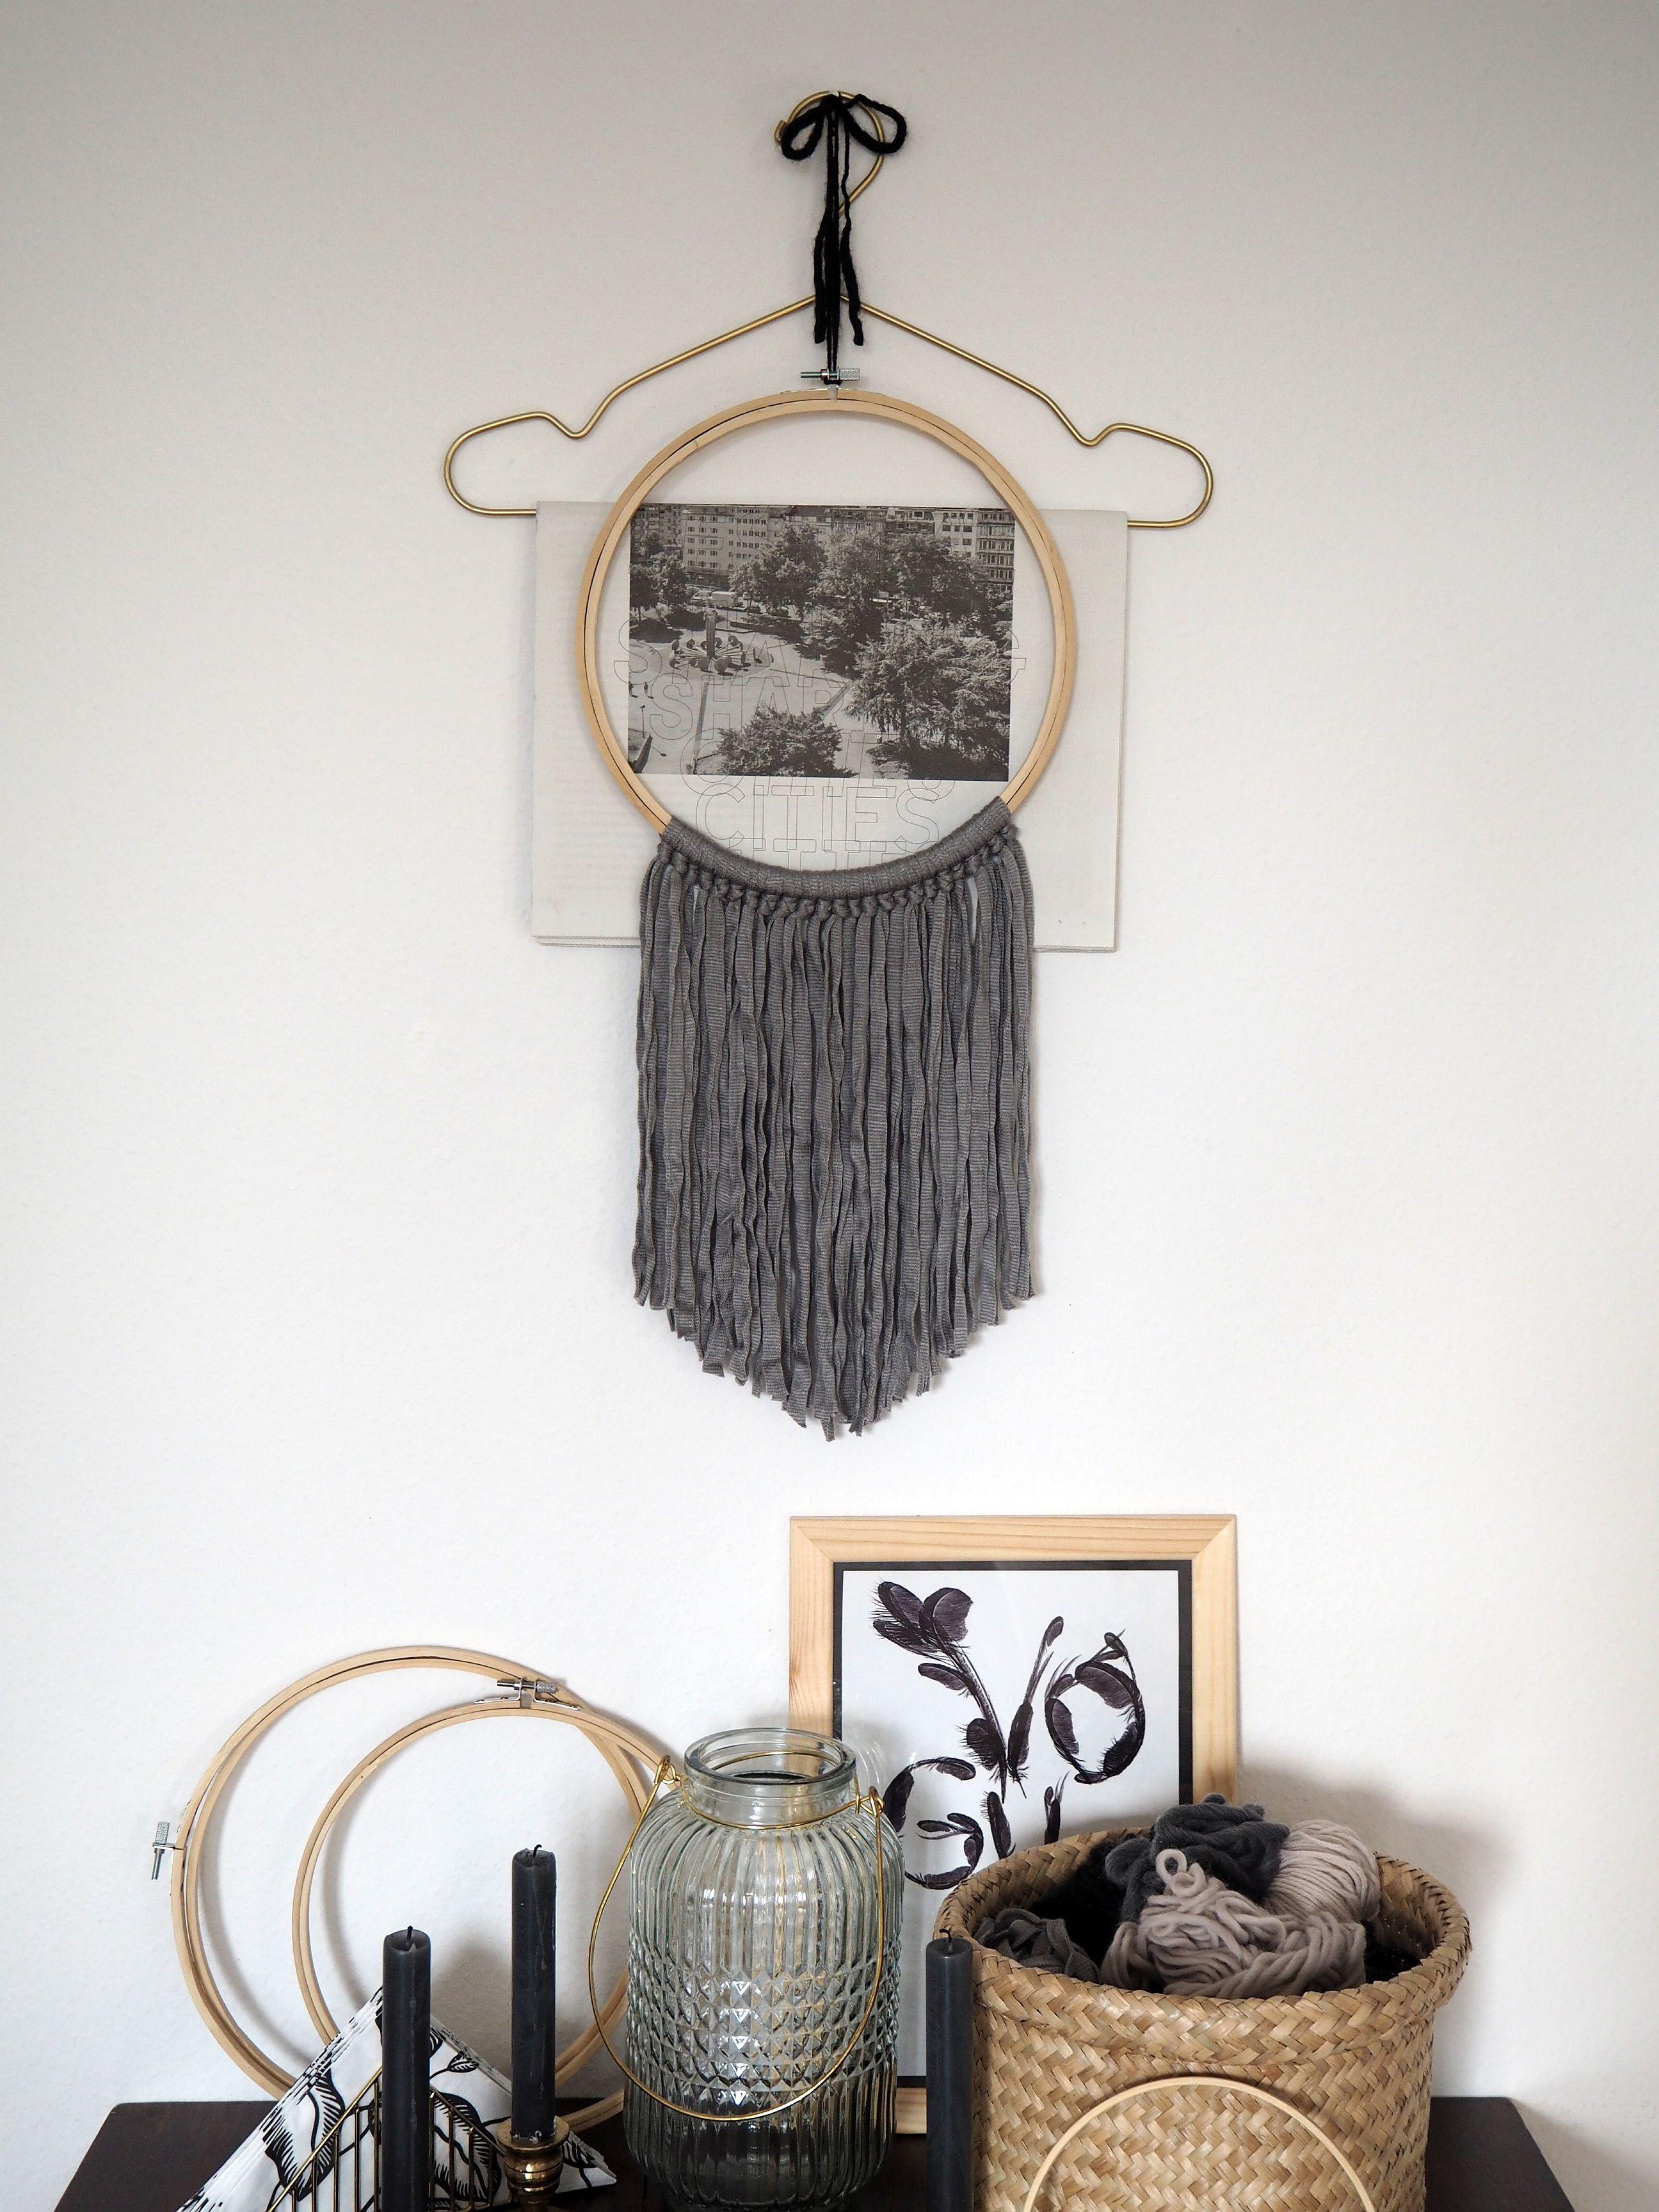 2018-01-skoen-och-kreativ-diy-interior-deko-wand-objekt-wall-hanging-skandi-stil (24)